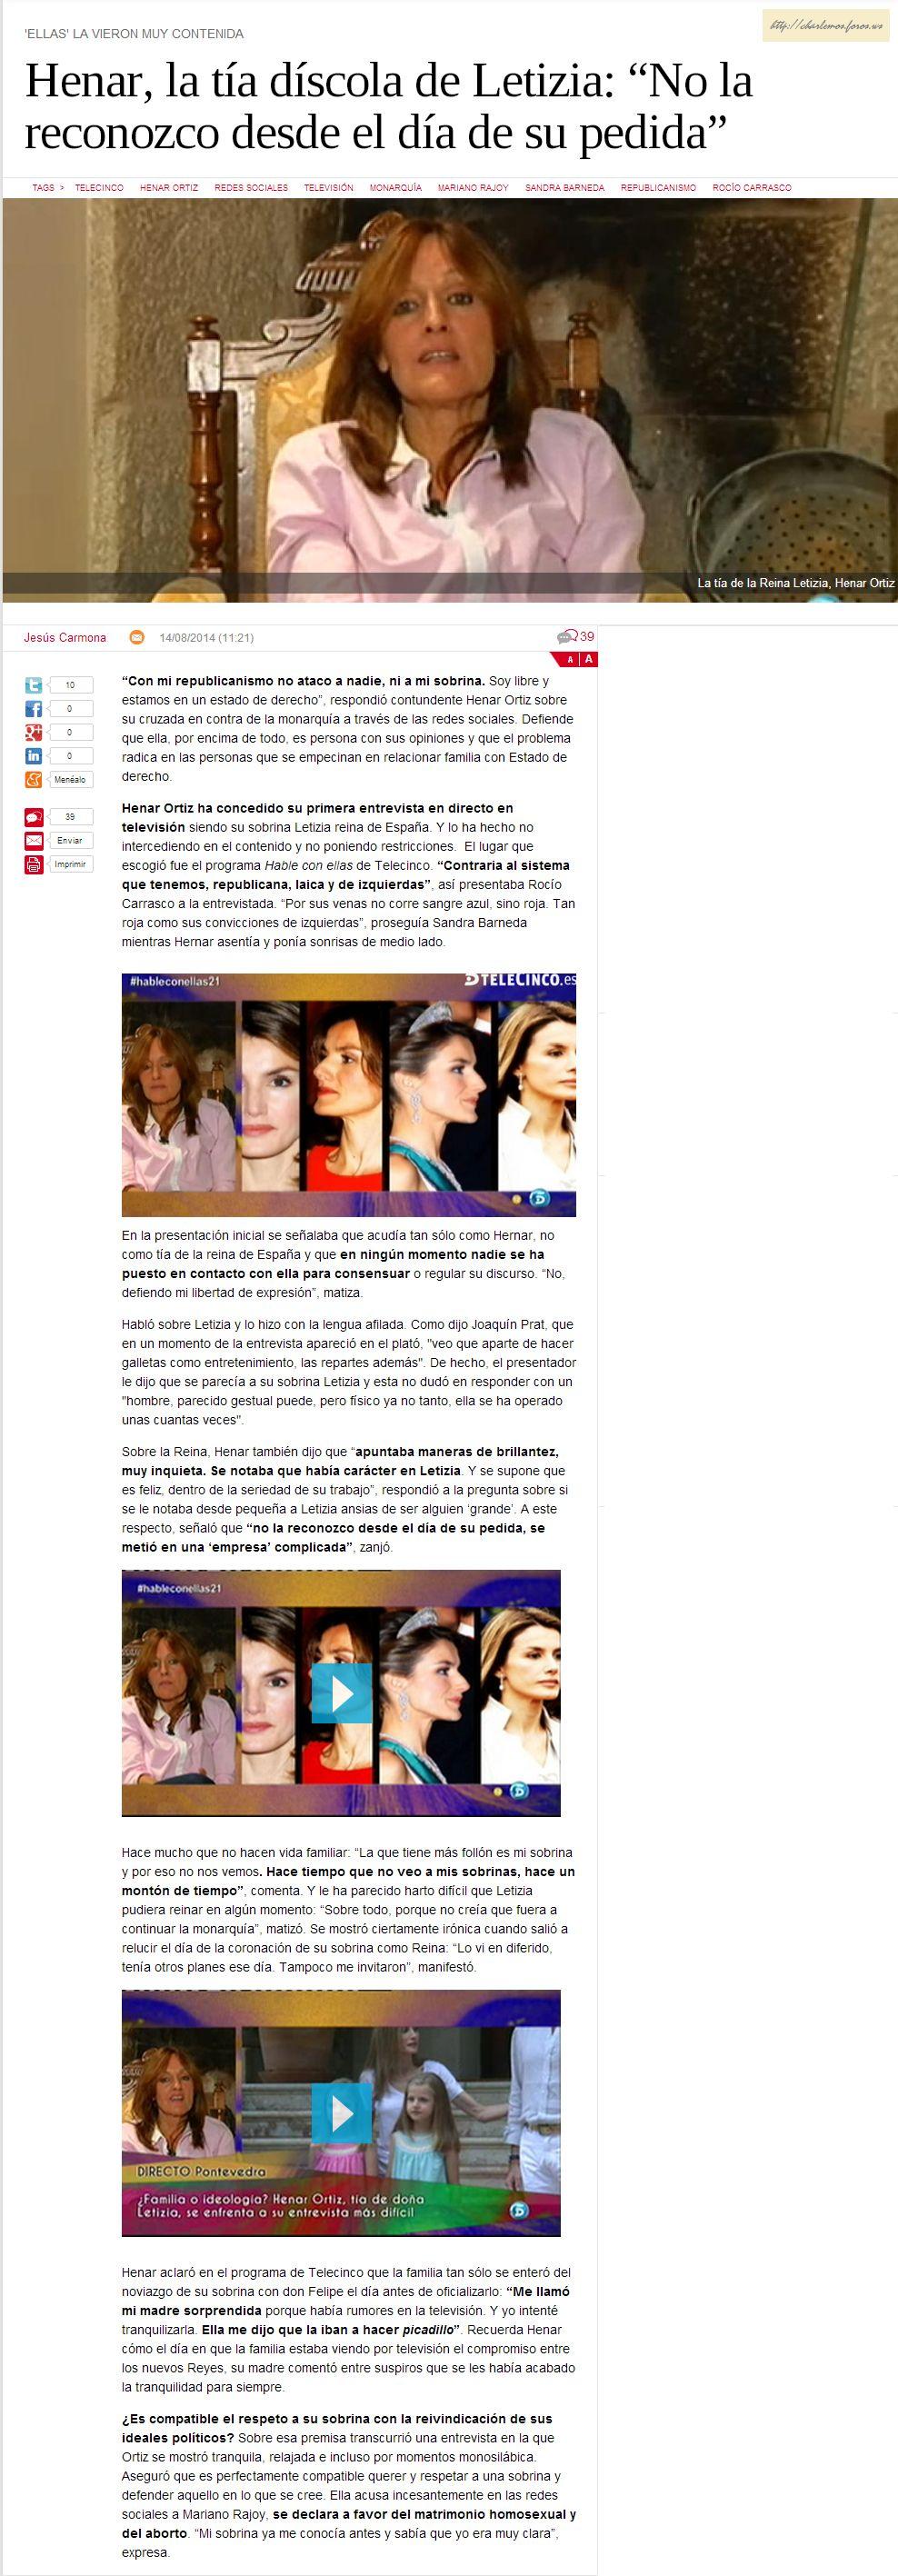 LOS FAMILIARES DE LETIZIA..TODO AQUI - Página 7 NX6aKX